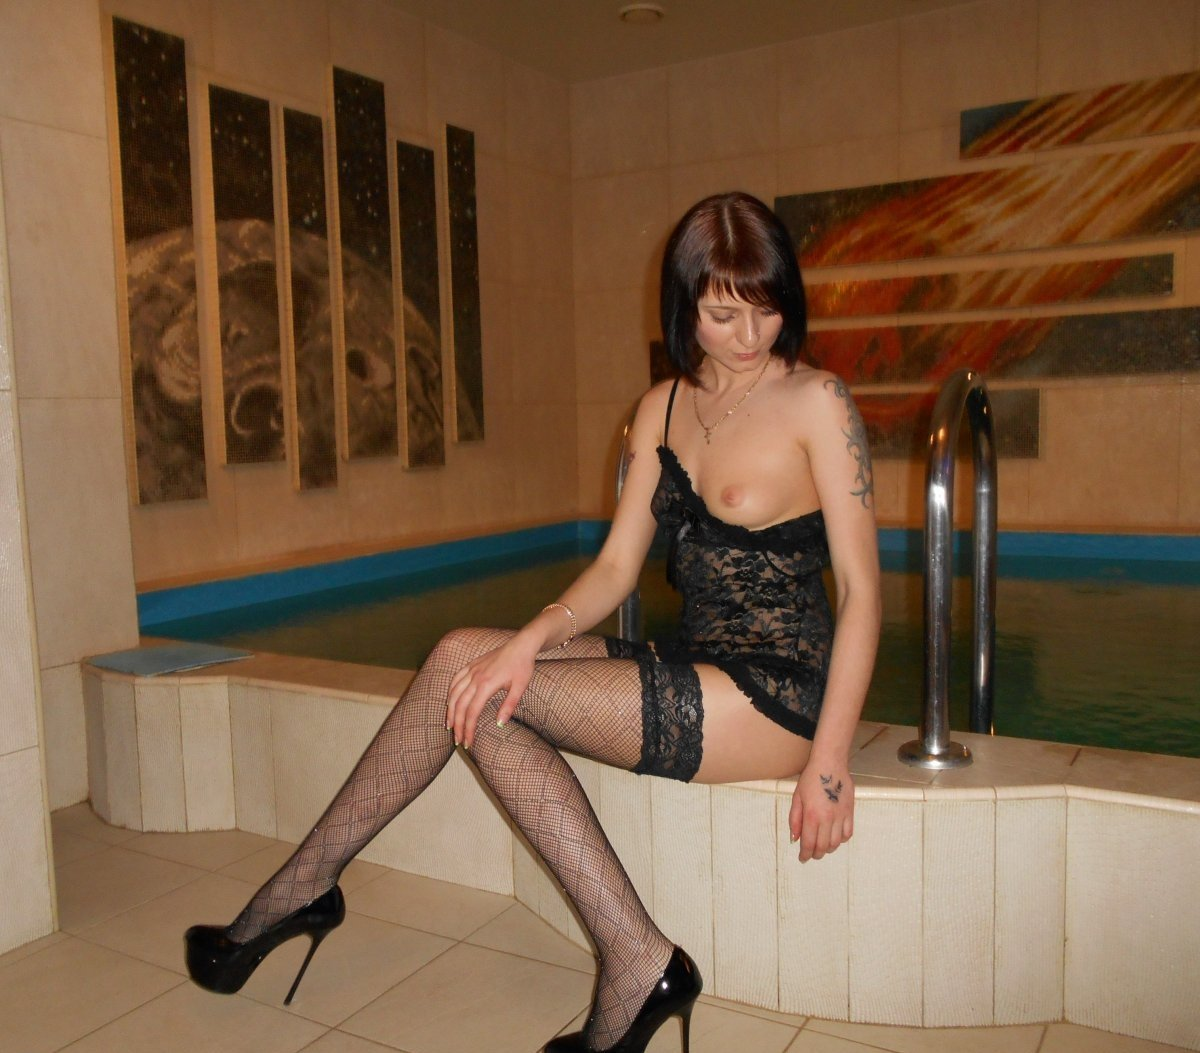 петрозаводск обьявление проститутка